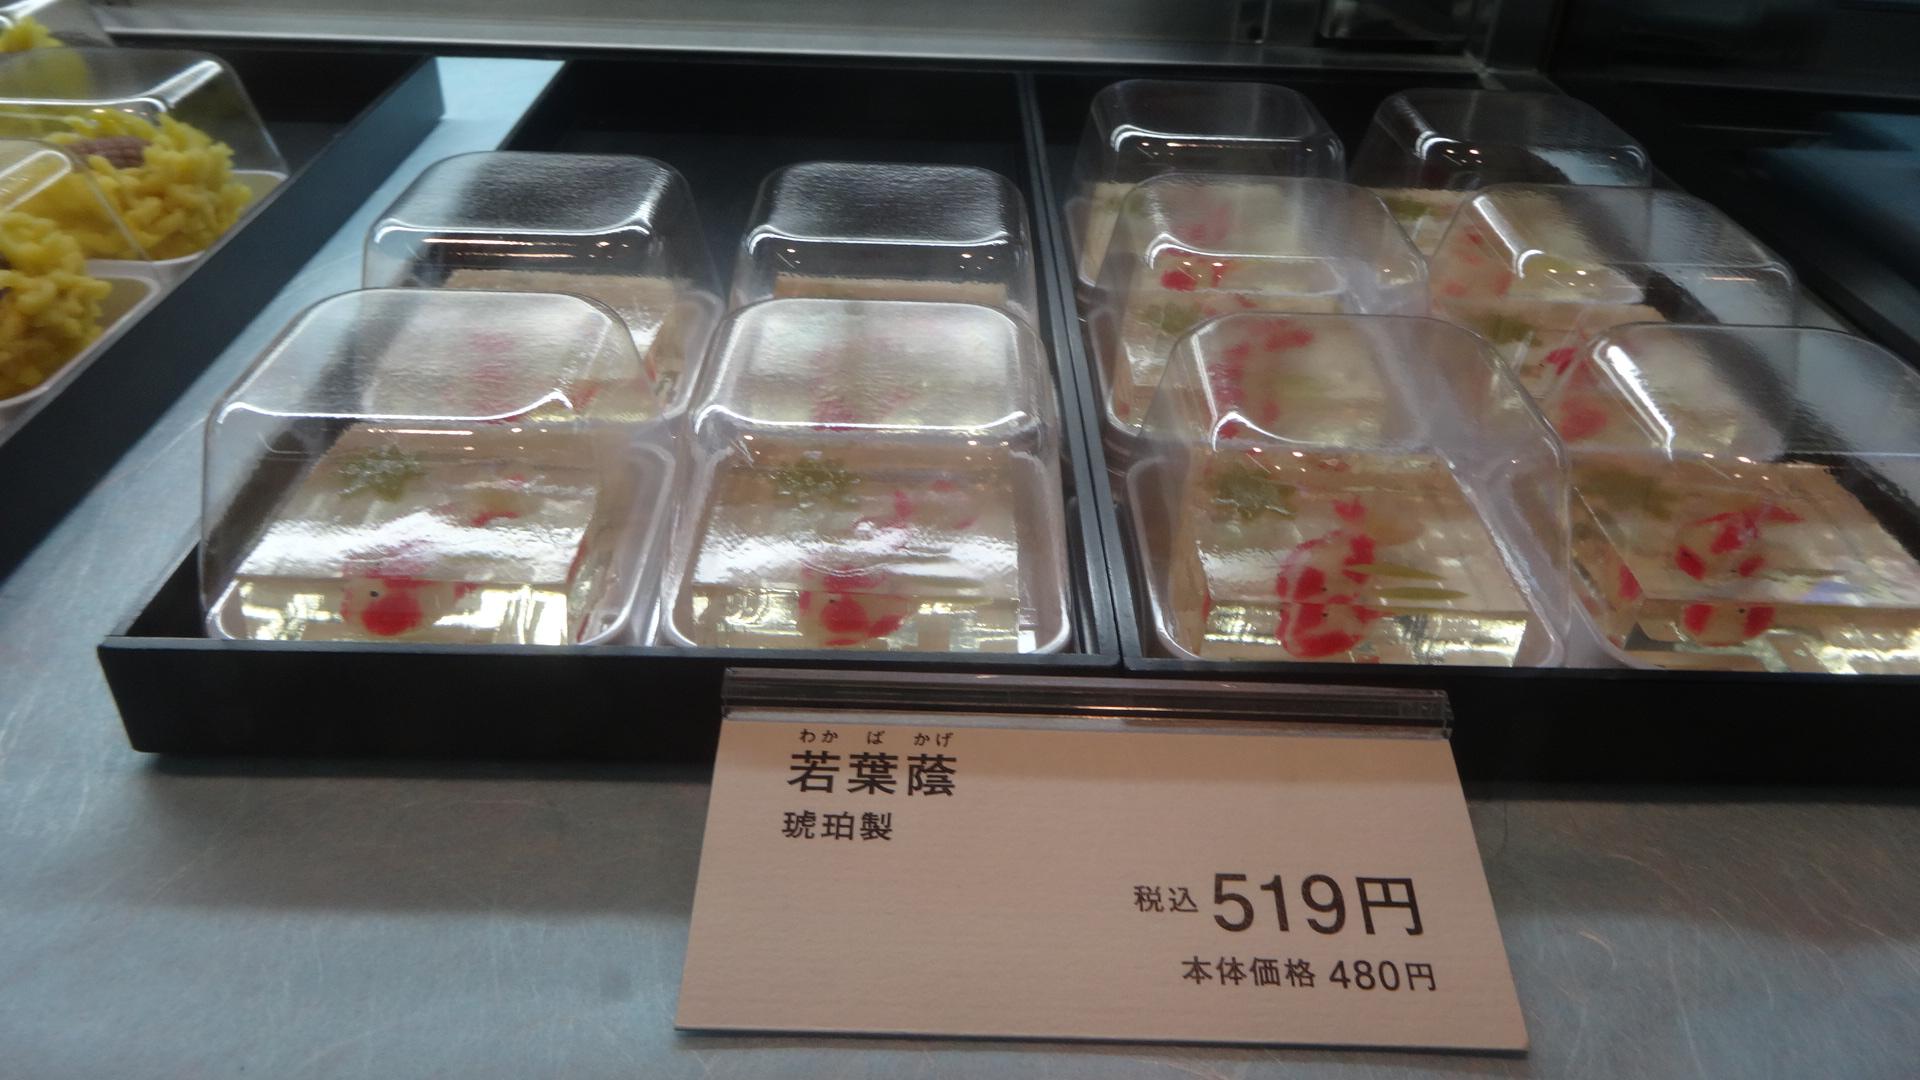 金魚が泳いでいるように見える和菓子